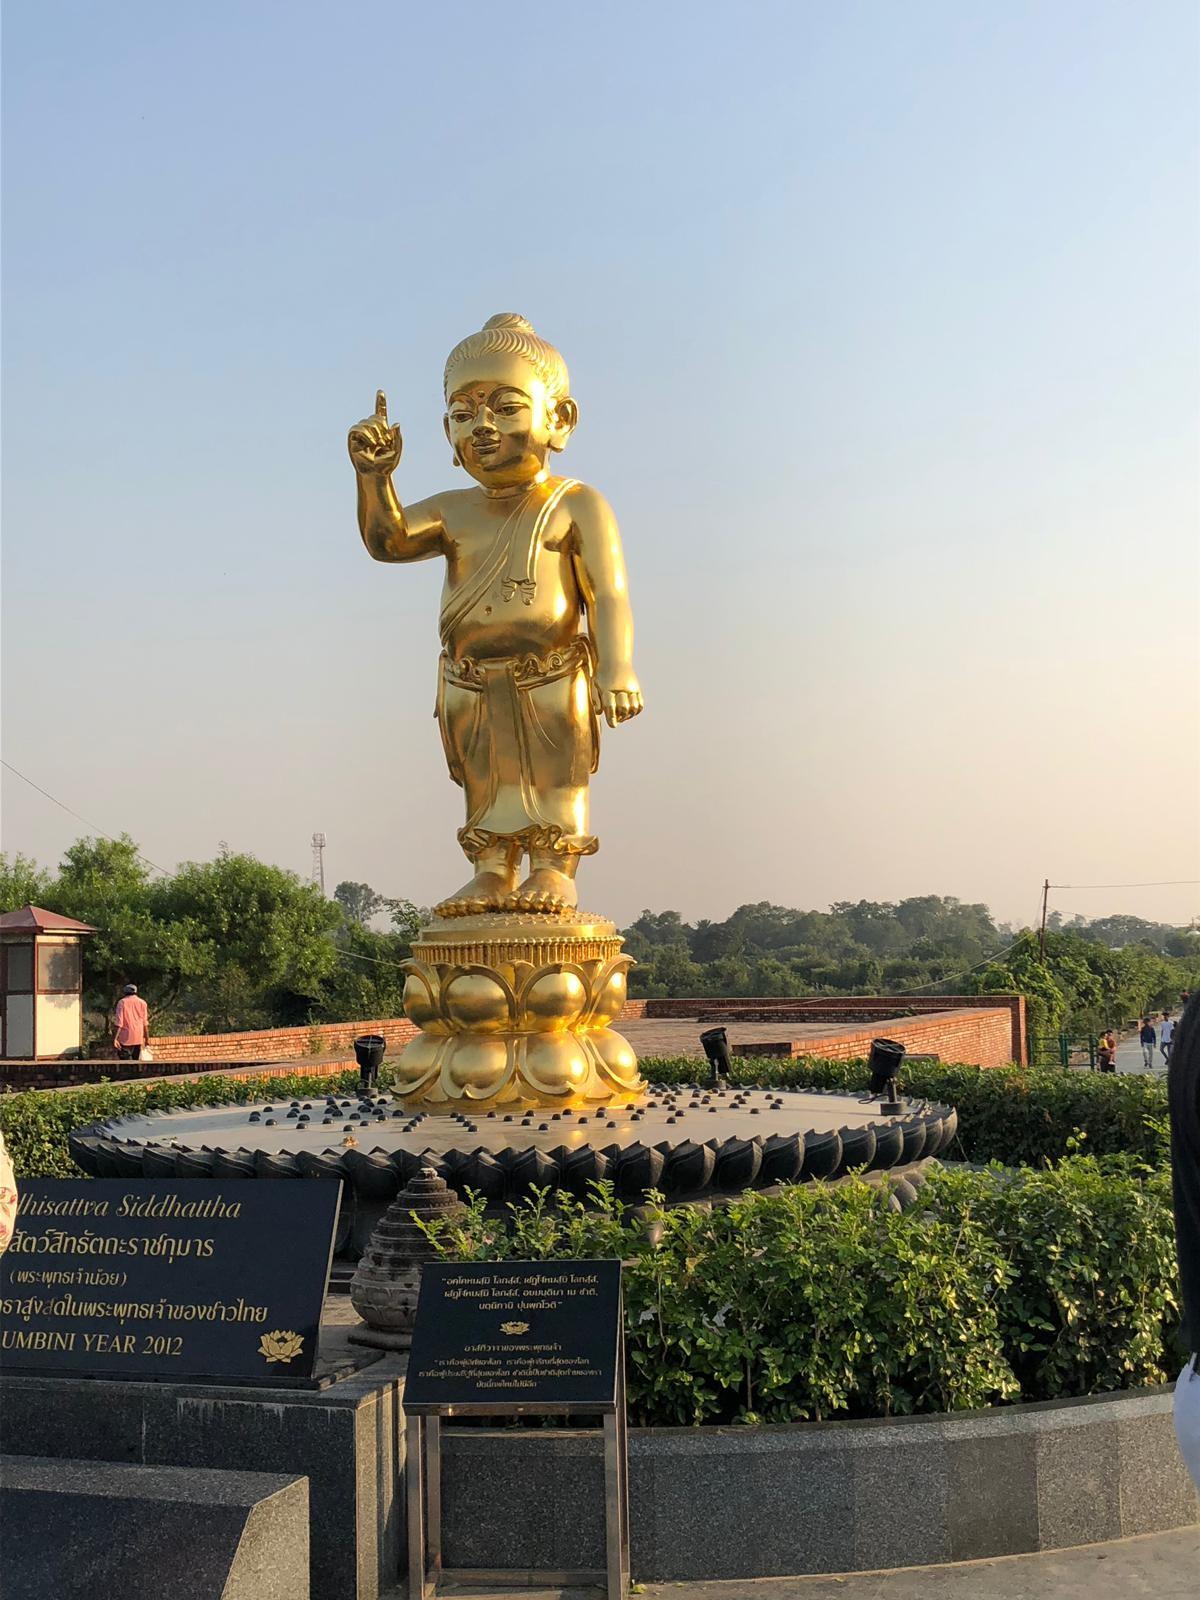 viaggio-in-nepal-697deef74a96e73ee164c89